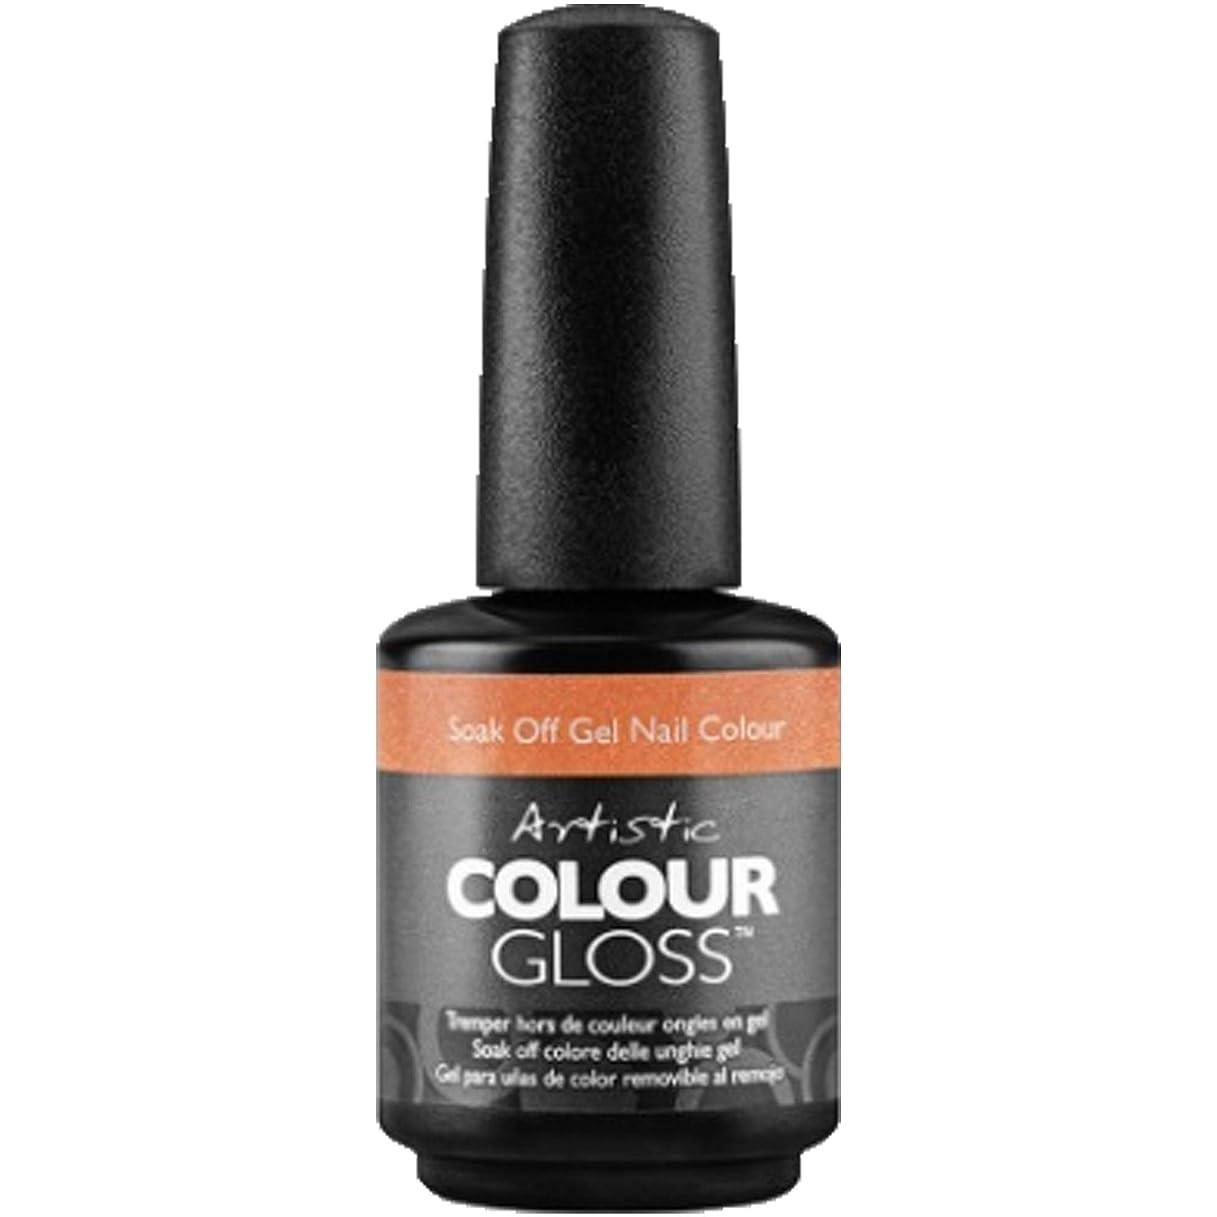 予防接種するレンダリング縁石Artistic Colour Gloss - You're Not Glistening to Me! - 0.5oz / 15ml